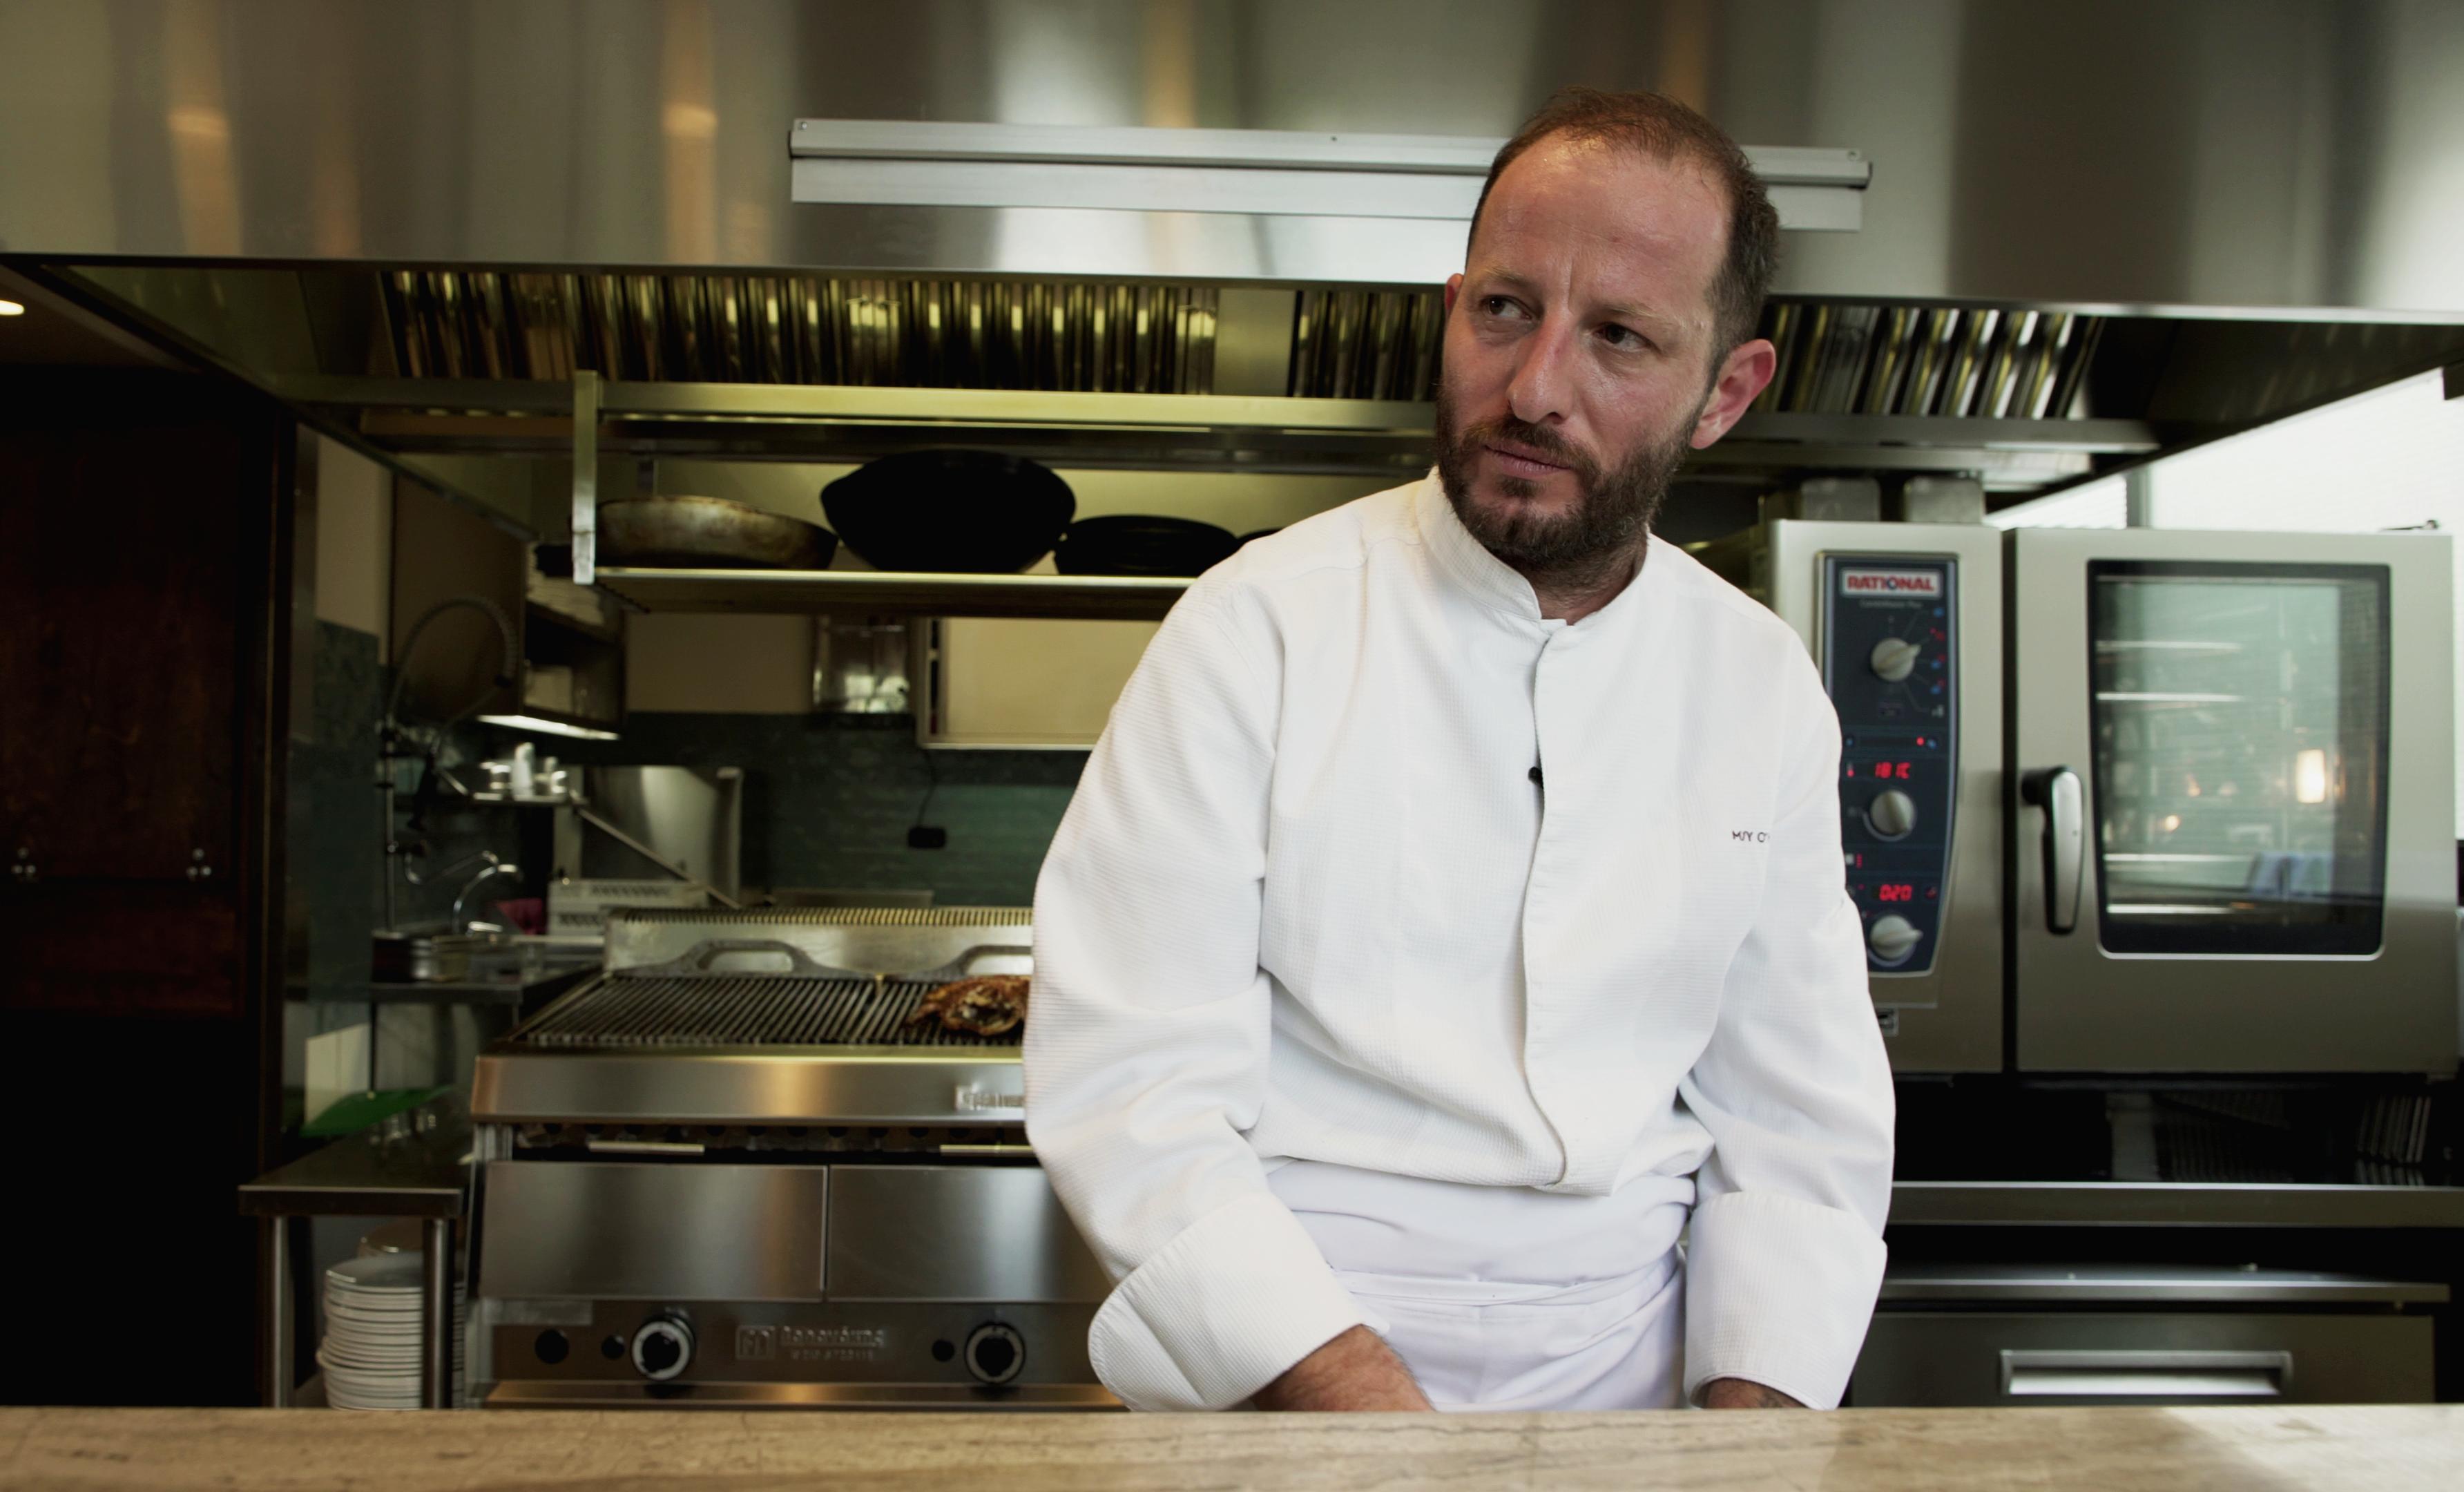 Fwteinogloy chef